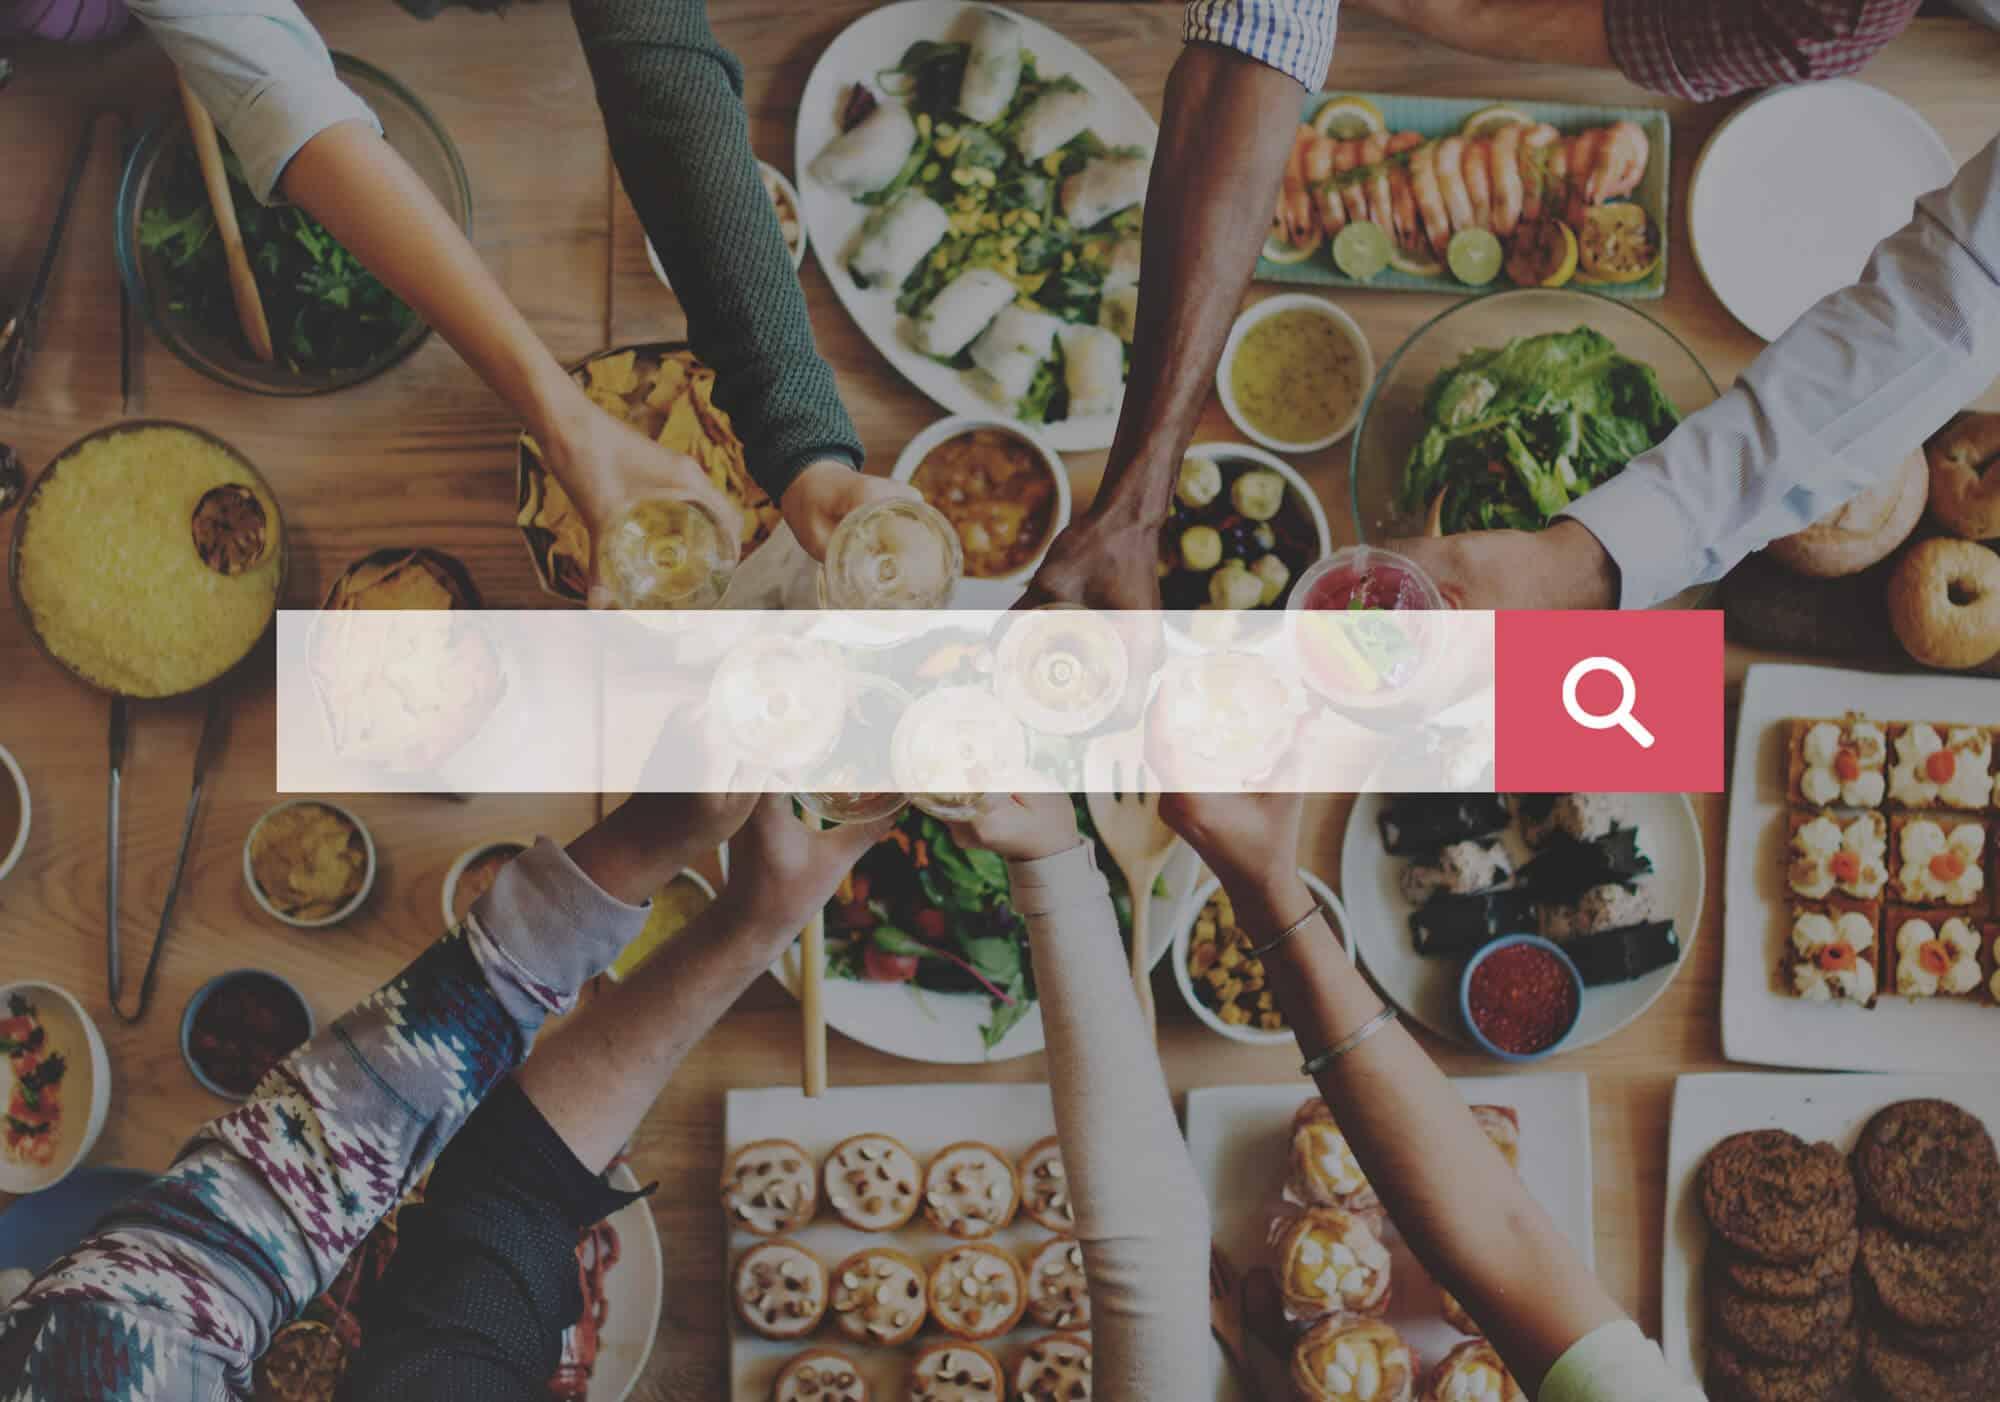 restaurant seo services - Infintech Designs